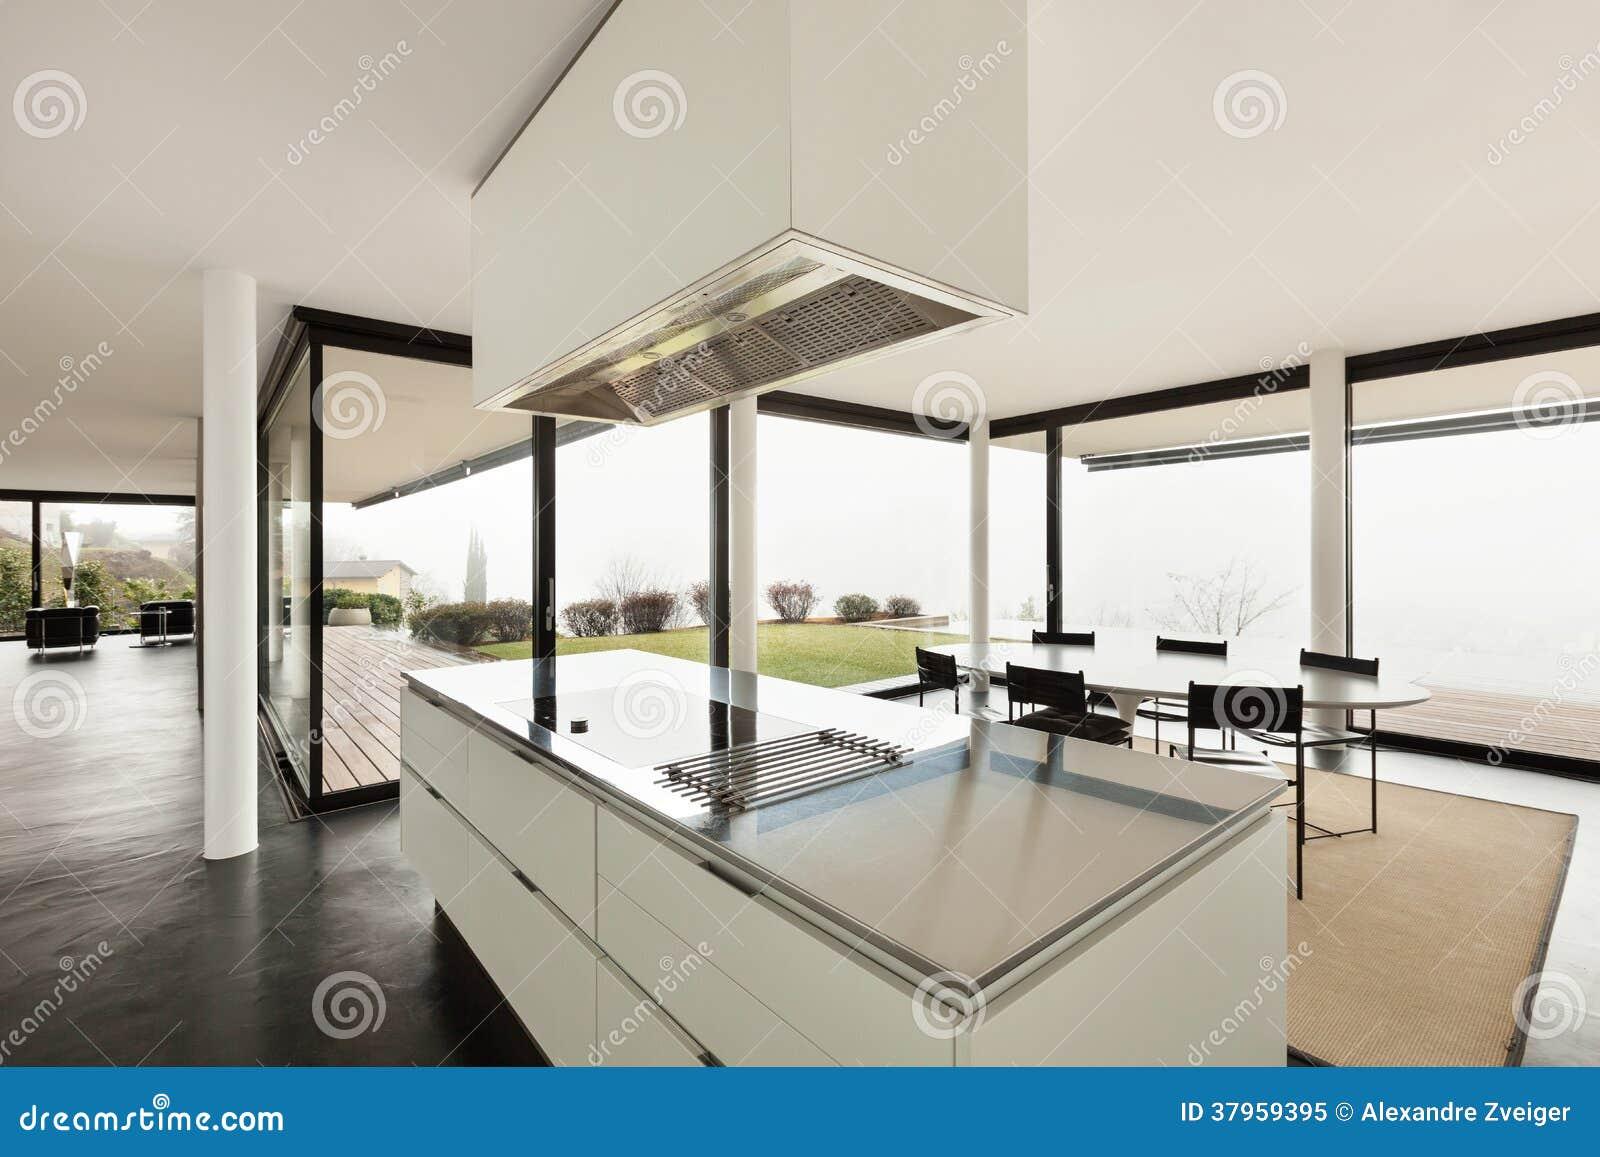 architecture int rieur d 39 une villa moderne photo libre de droits image 37959395. Black Bedroom Furniture Sets. Home Design Ideas